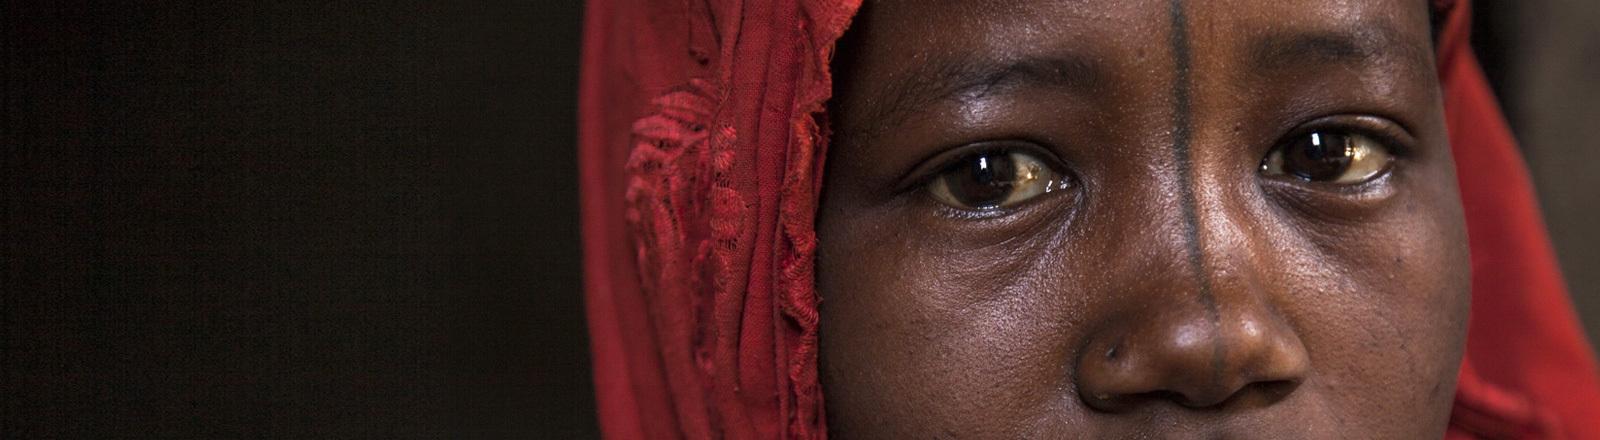 Das Bild zeigt eine Frau aus Banki. Laut UNICEF leben viele Frauen in Banki, die während der Krise um Boko Haram von ihren Ehemännern getrennt wurden.